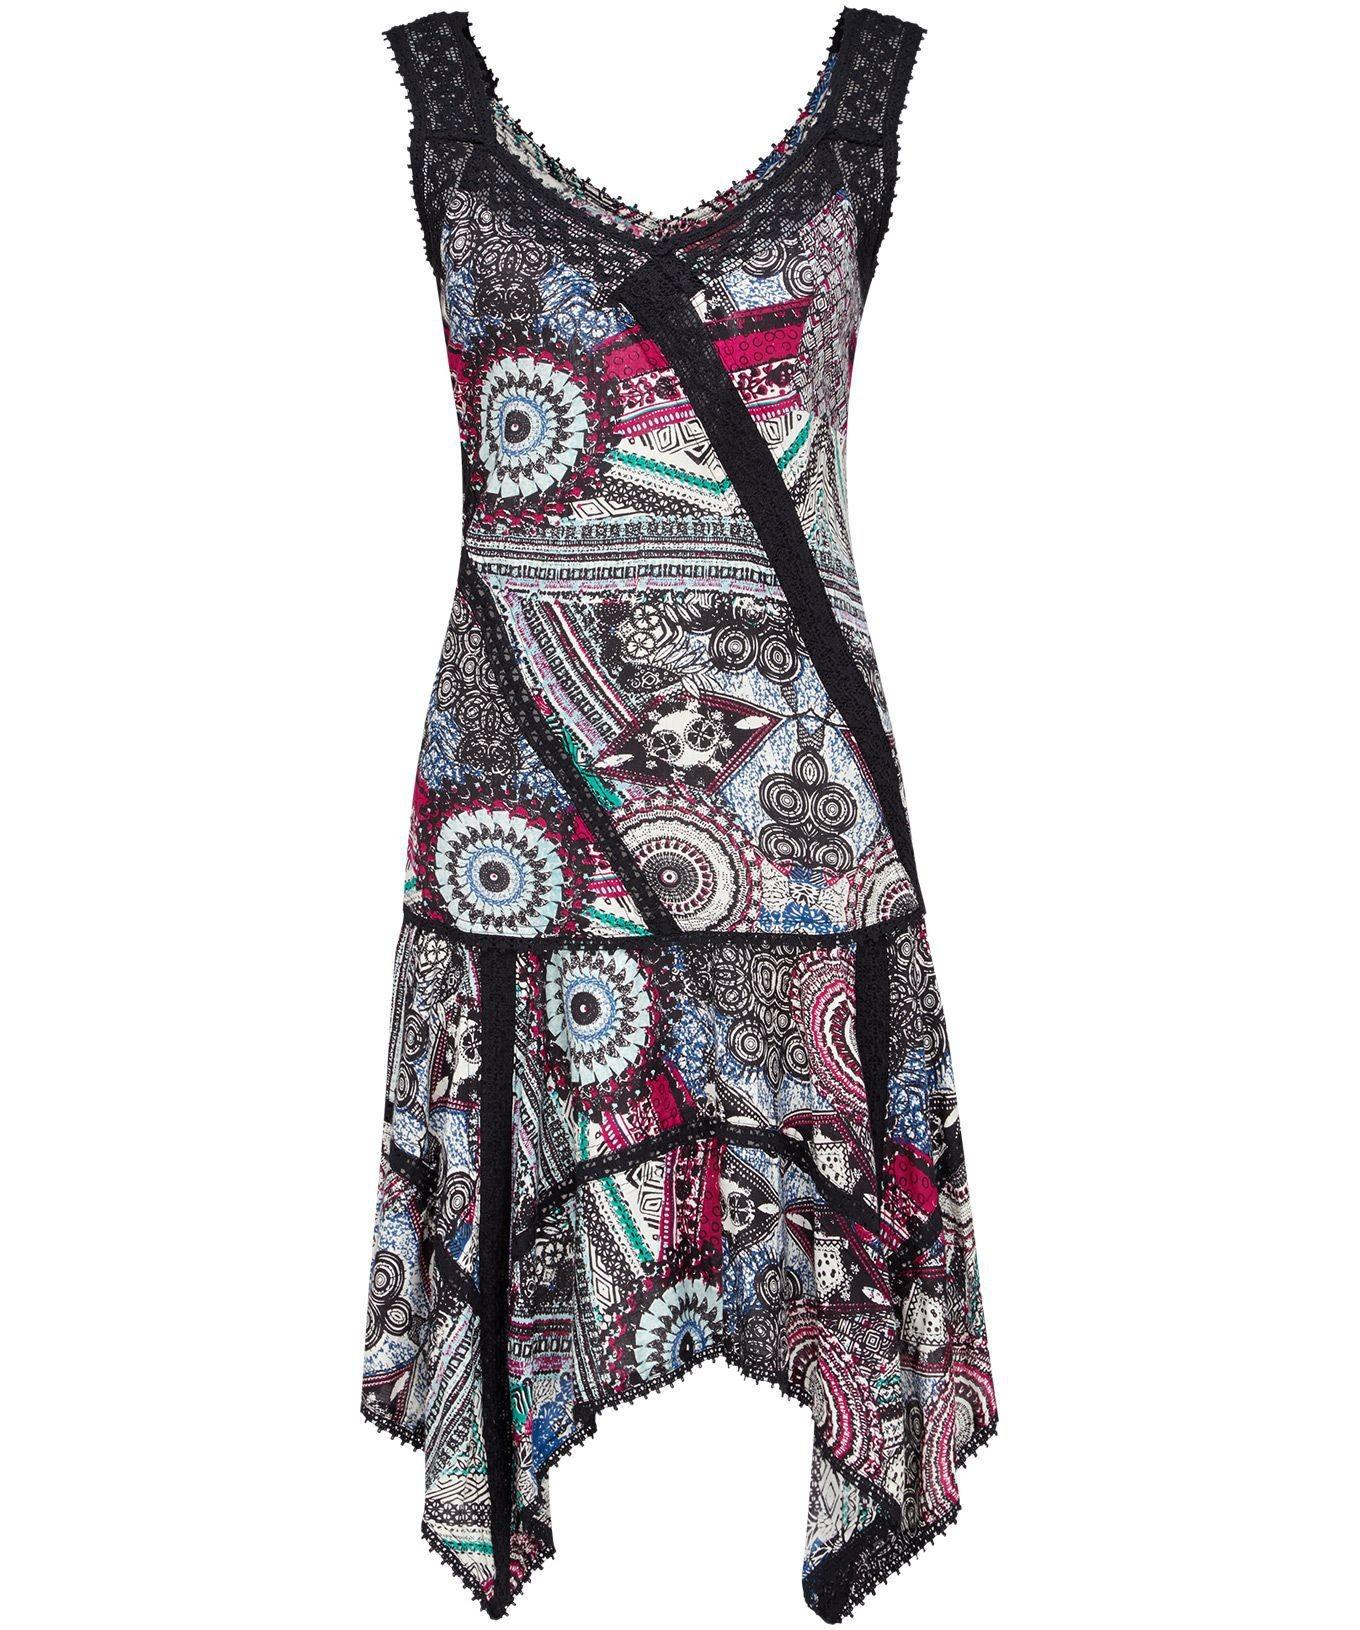 d08f626d381 Luxusní dámské letní vzorované šaty s krajkou - Alltex-fashion.cz